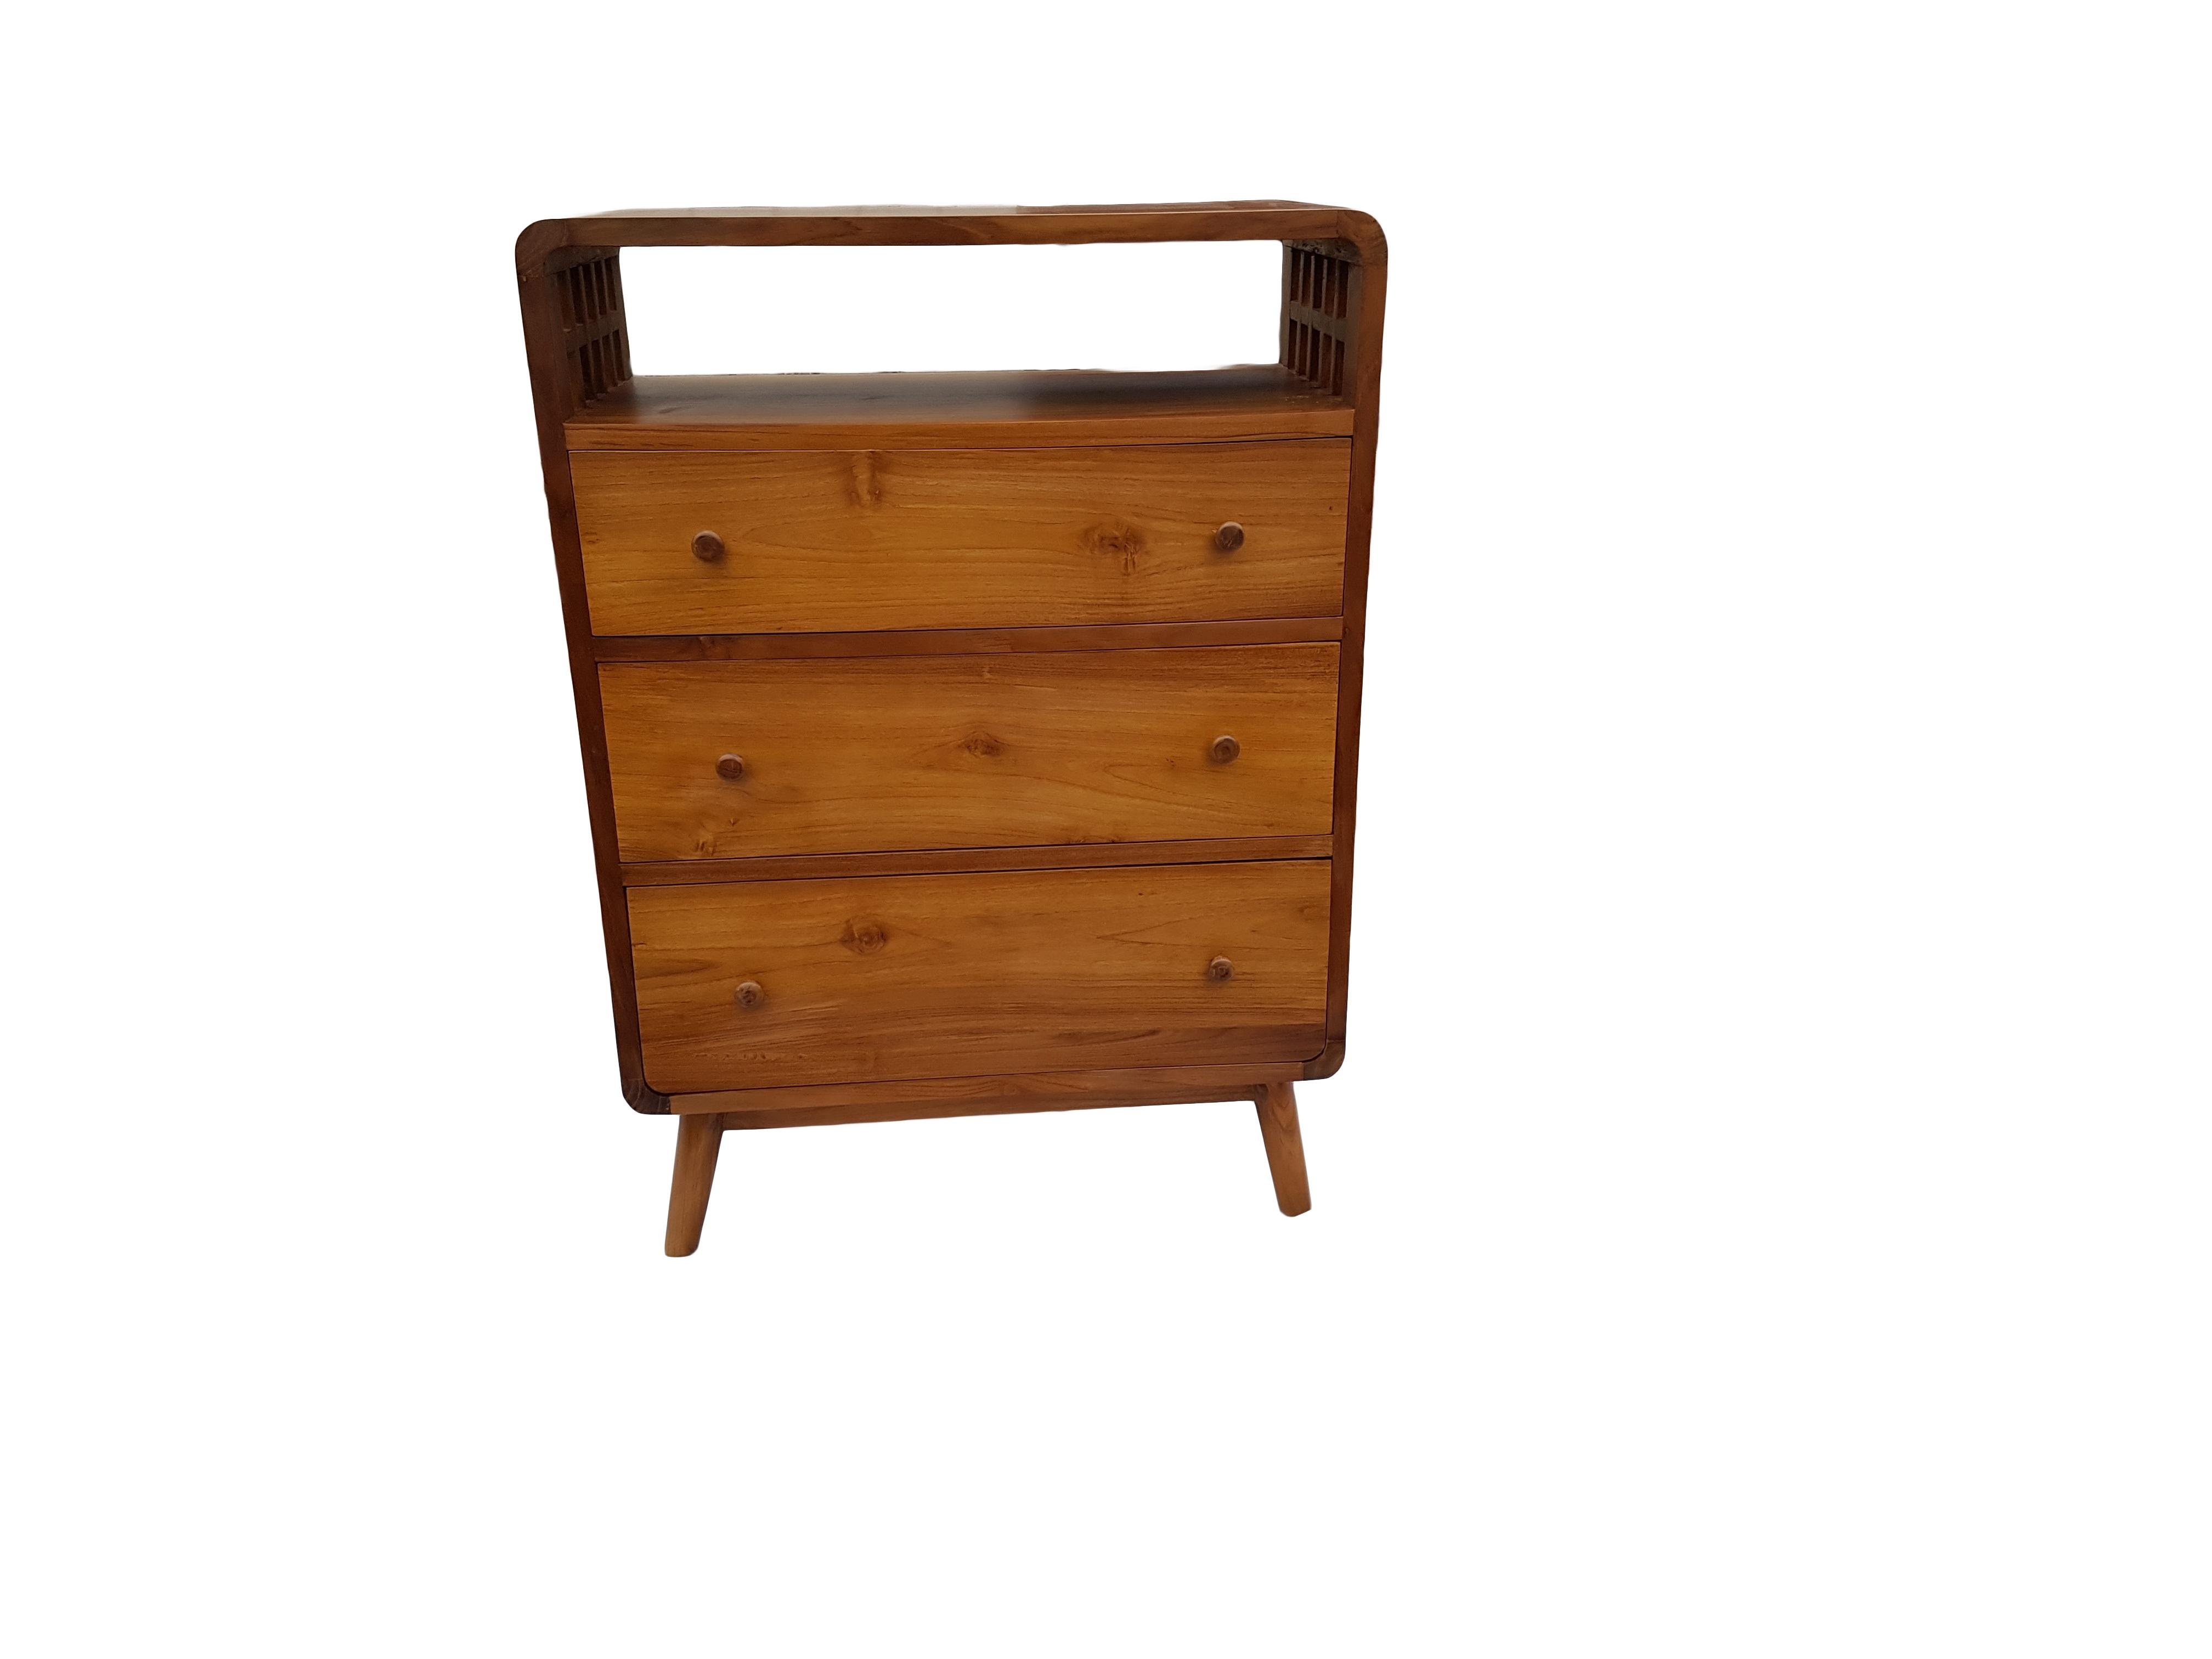 gratis billeder tabel tr retro puslebord m bel. Black Bedroom Furniture Sets. Home Design Ideas